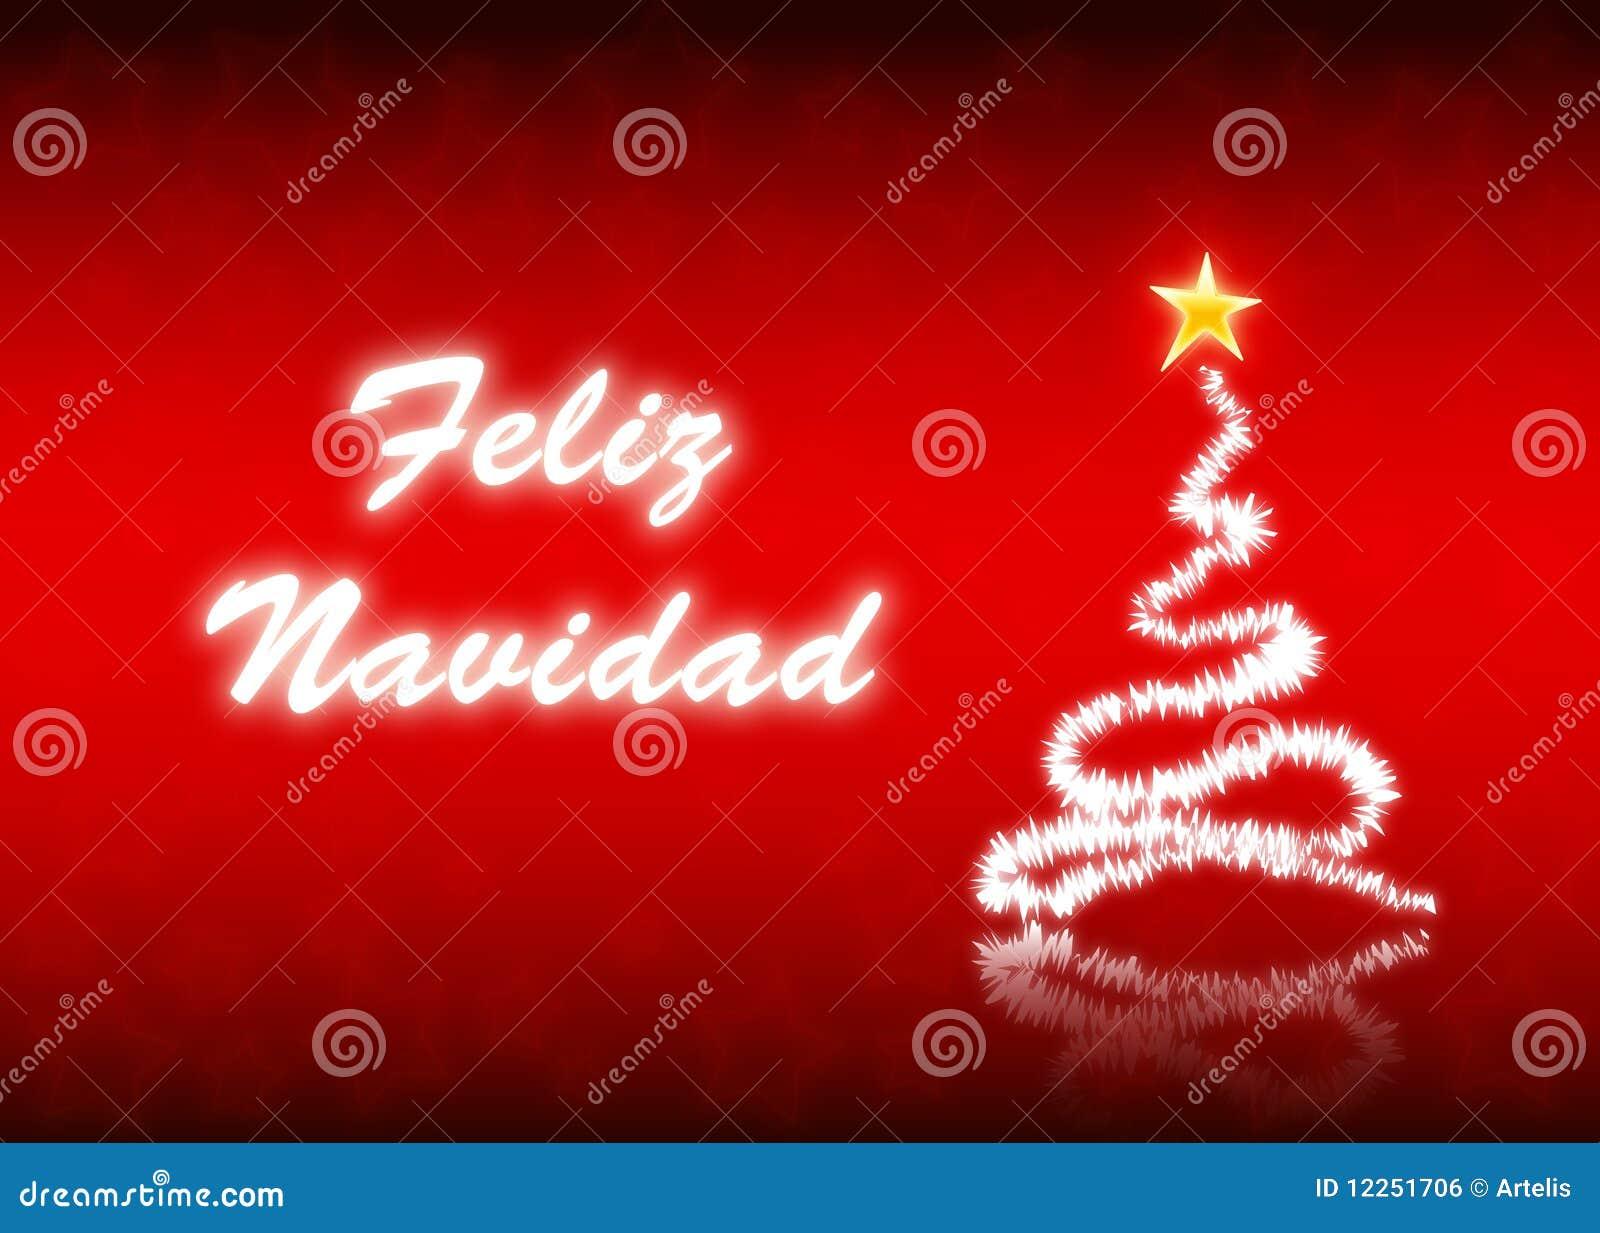 Feliz navidad royalty free stock image image 12251706 - Sapin de noel en espagnol ...